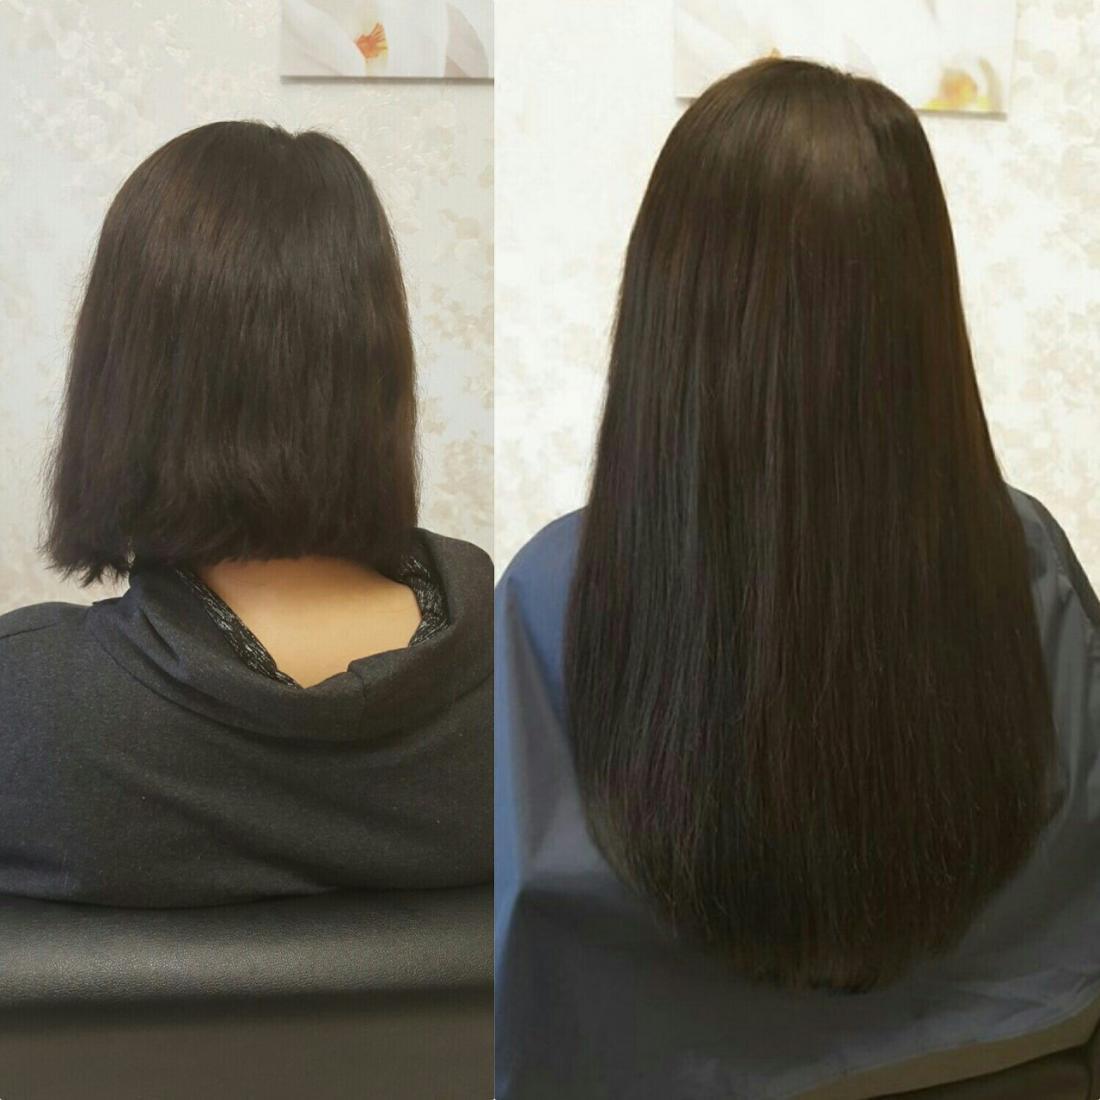 Наращивание, ламинирование, экранирование, биореконструкция, термокератин, полировка волос от 10 руб.